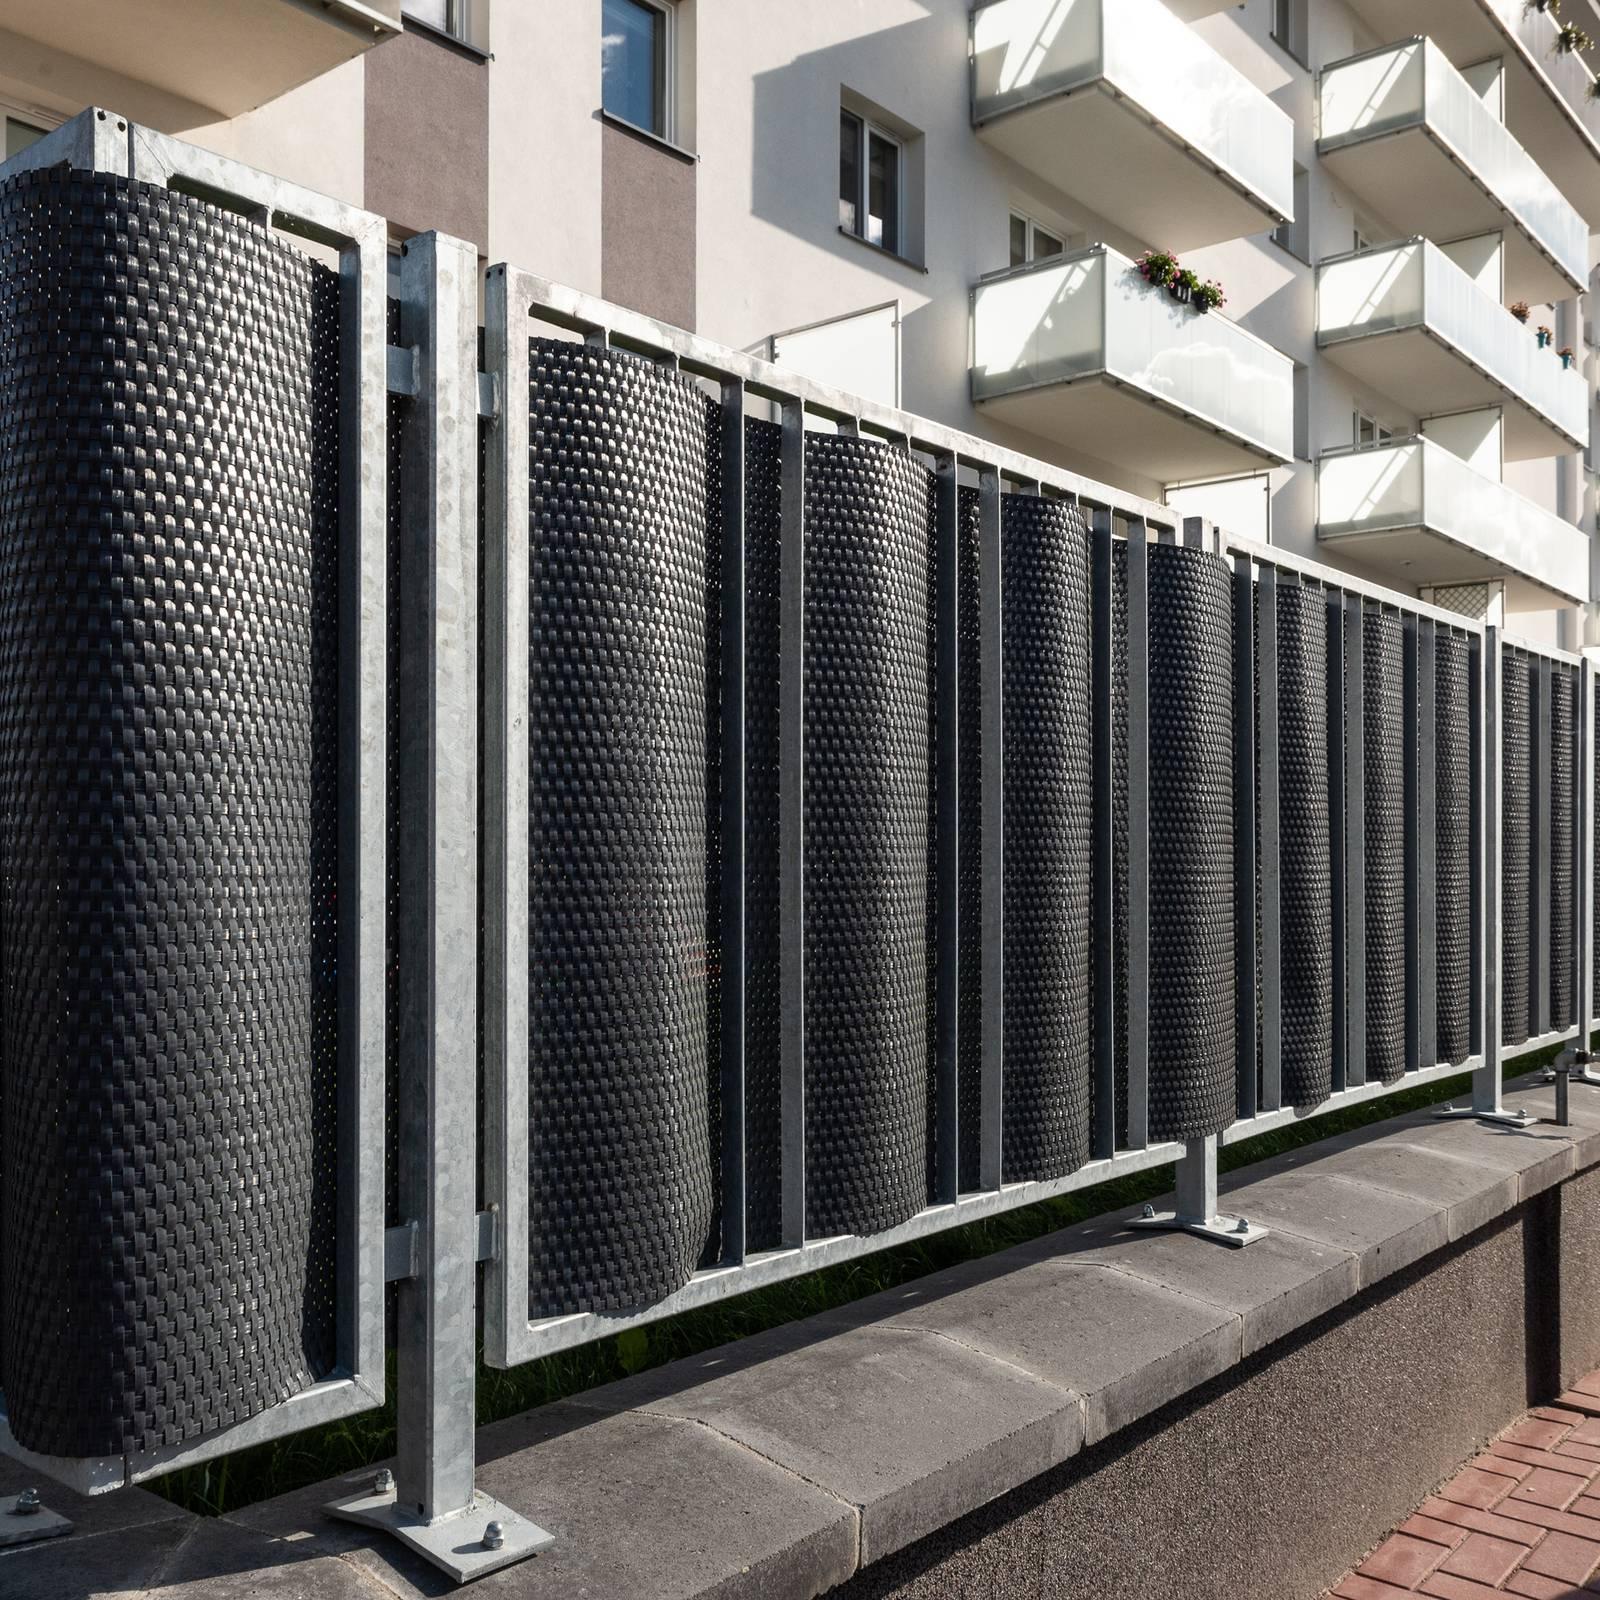 Osłona balkonowa Tress 0,9 x 5 m szara PATIO